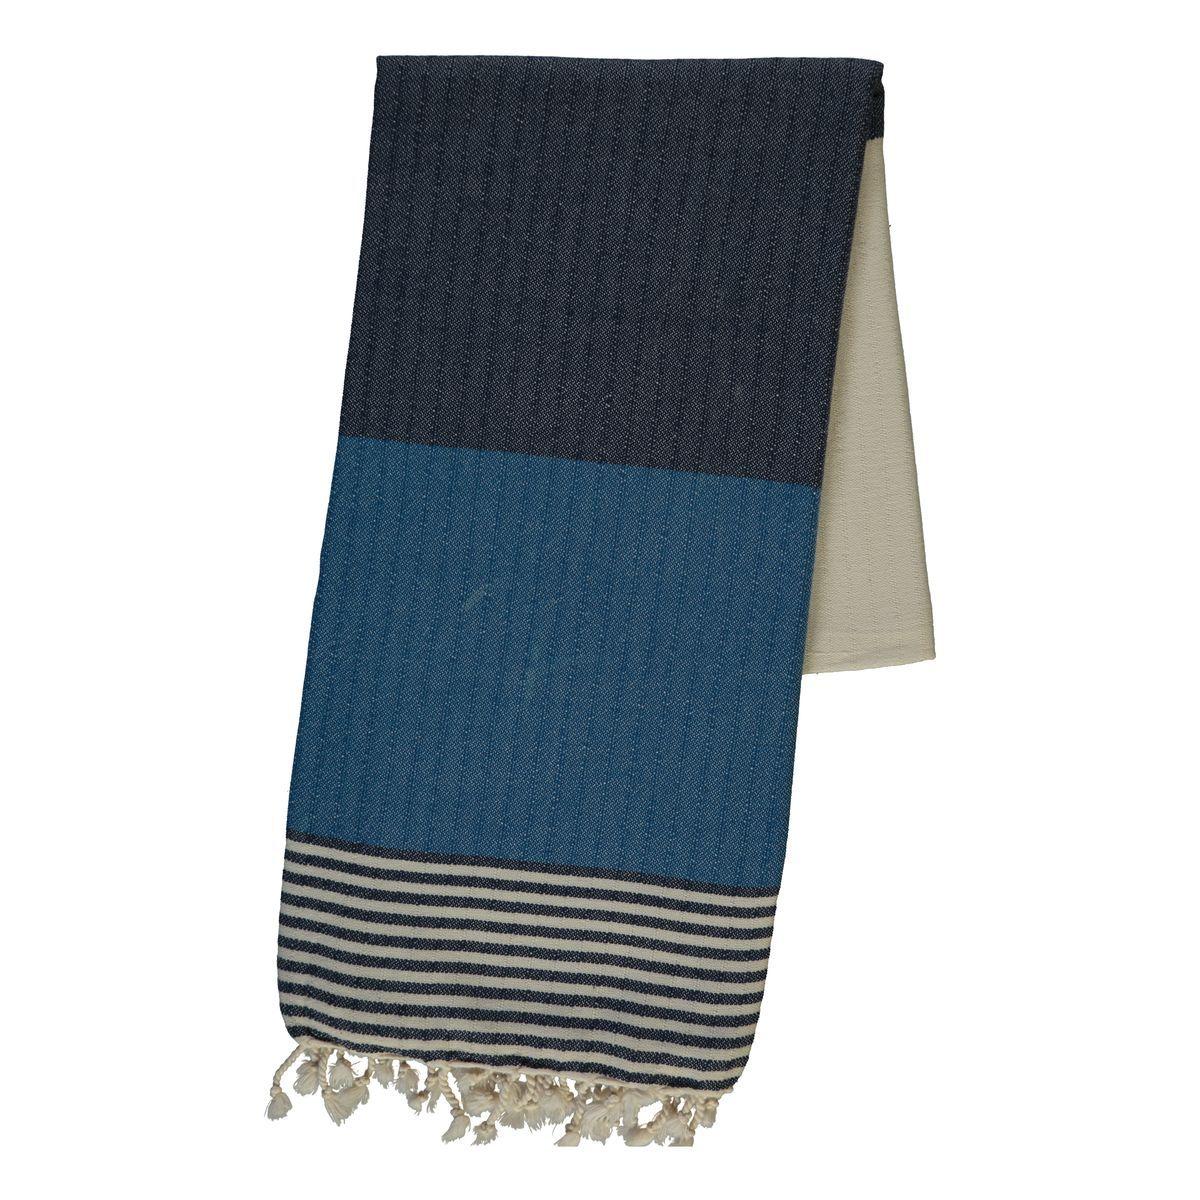 Peshtemal Twin Sultan - Black / Petrol Blue